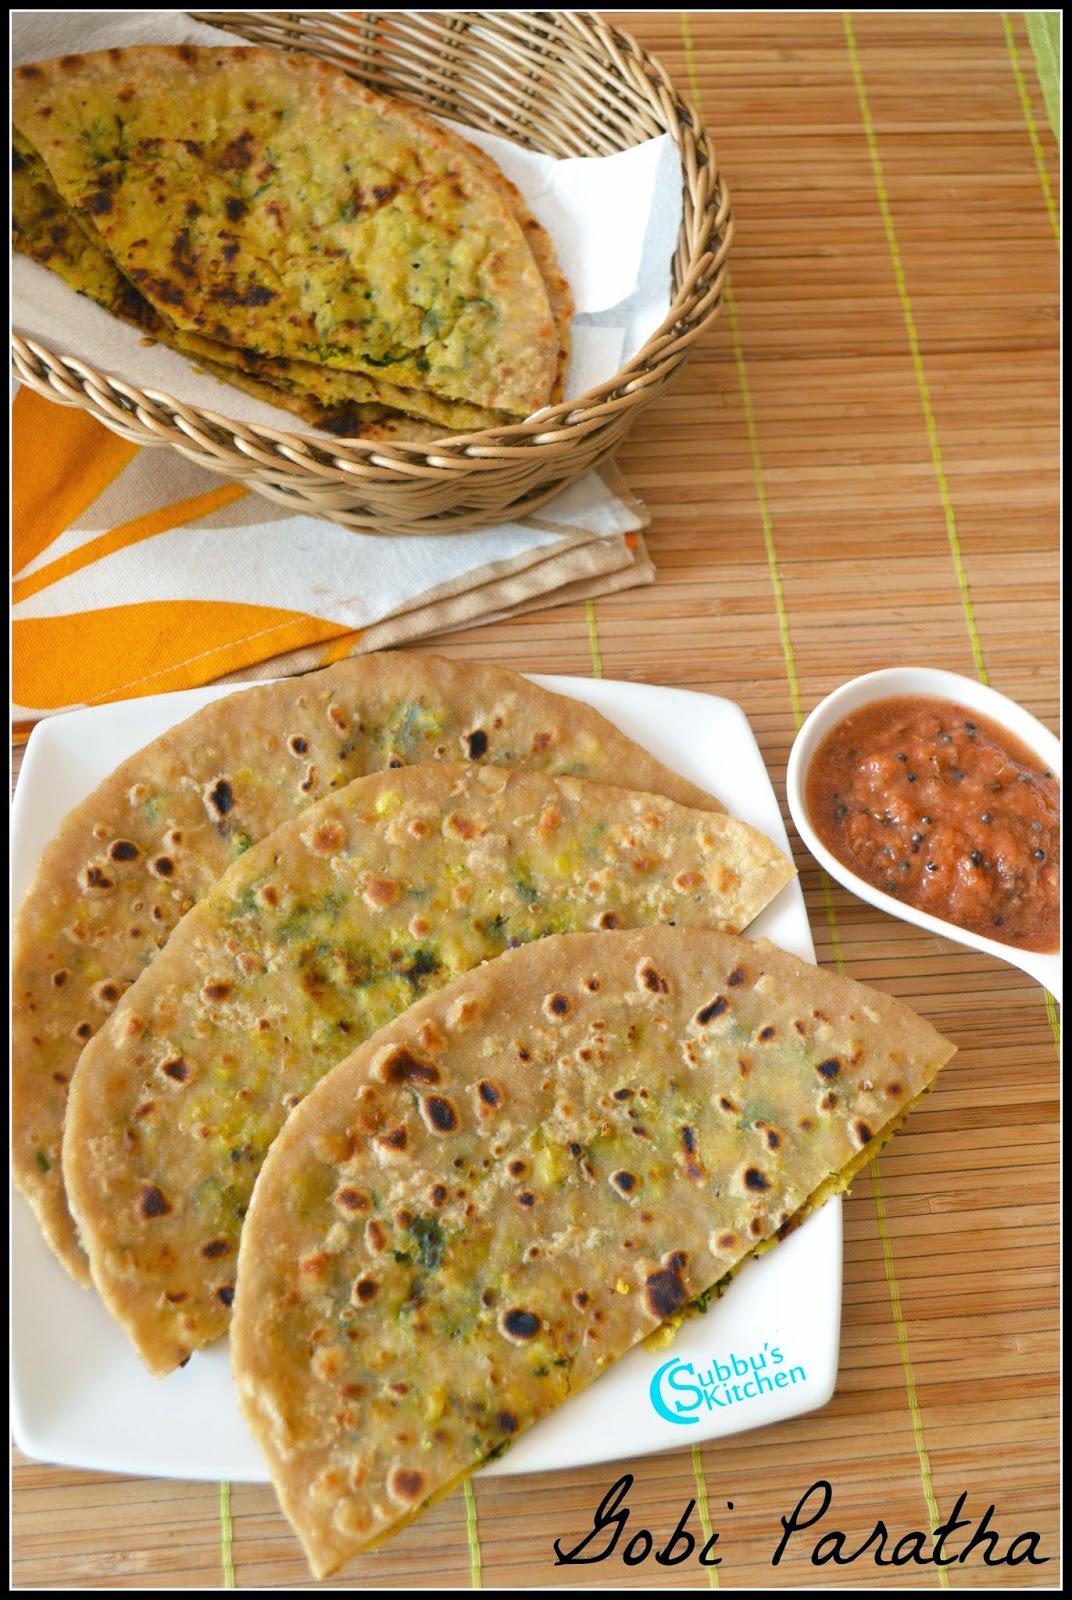 Gobi (Cauliflower) Paratha Recipe - Subbus Kitchen